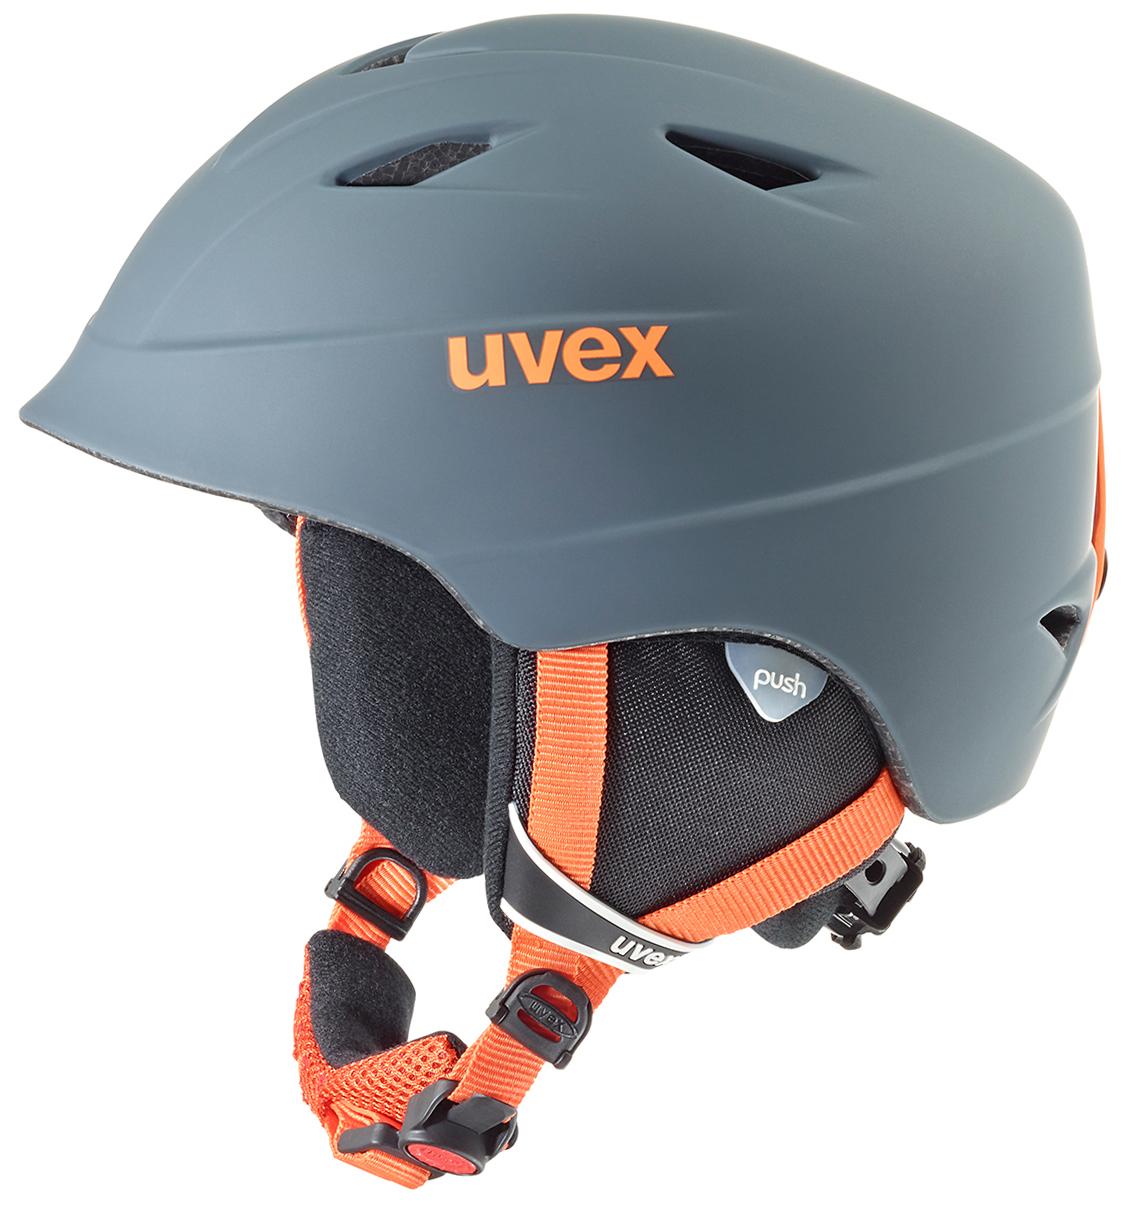 Uvex Шлем детский Uvex Airwing 2 Pro, размер 54-58